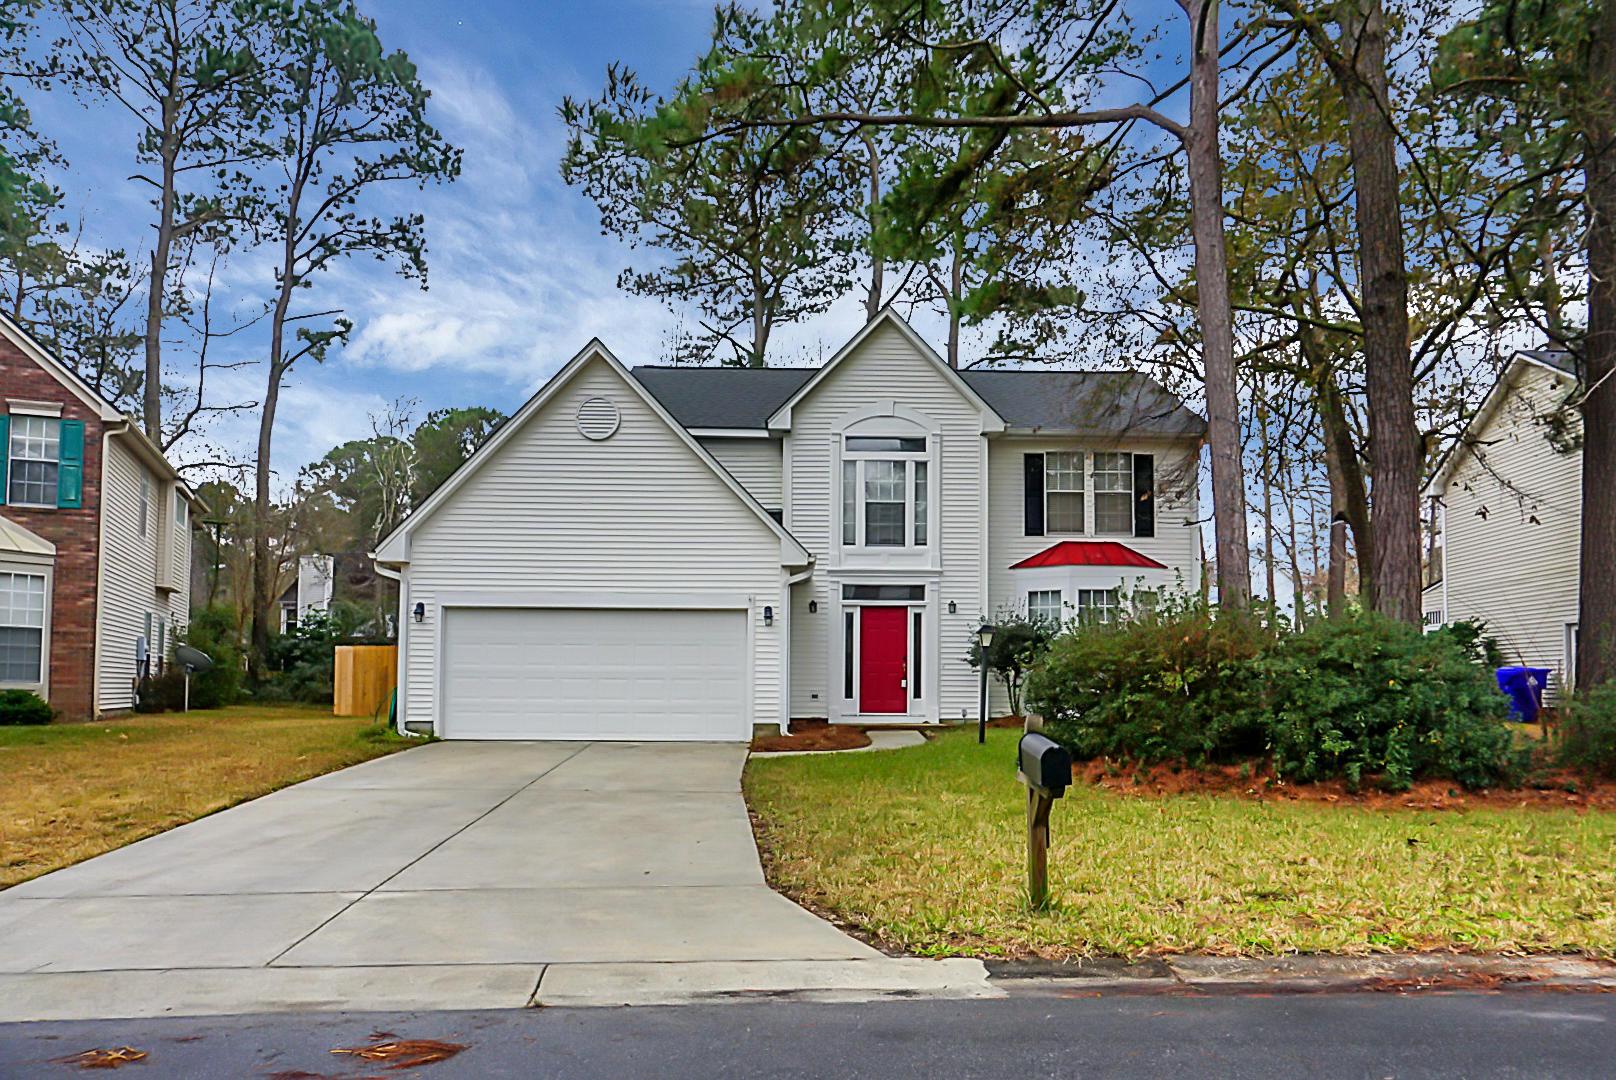 Dunes West Homes For Sale - 3209 Carmel Bay, Mount Pleasant, SC - 13